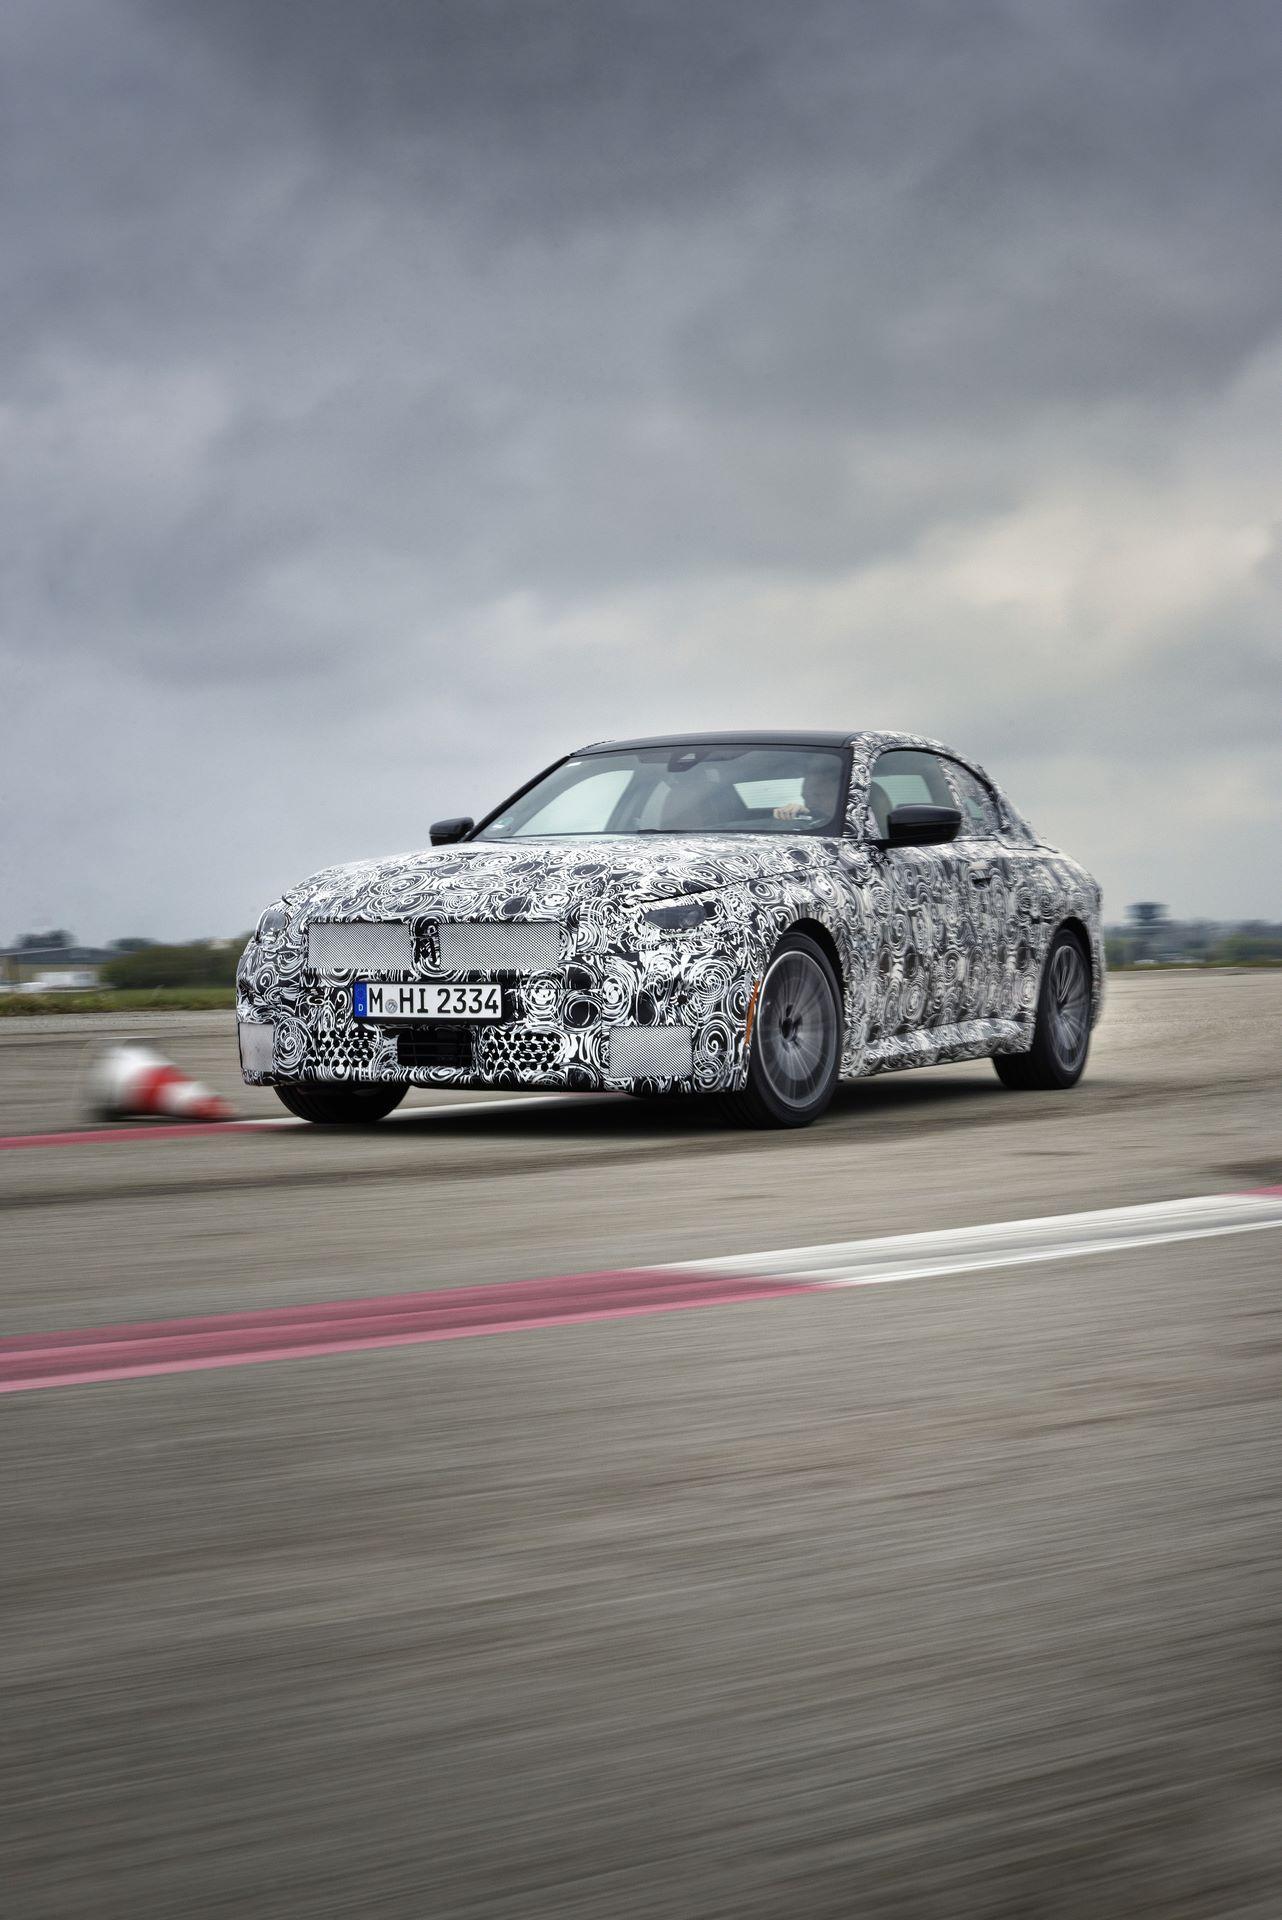 BMW-2-Series-M240i-spy-photos-25